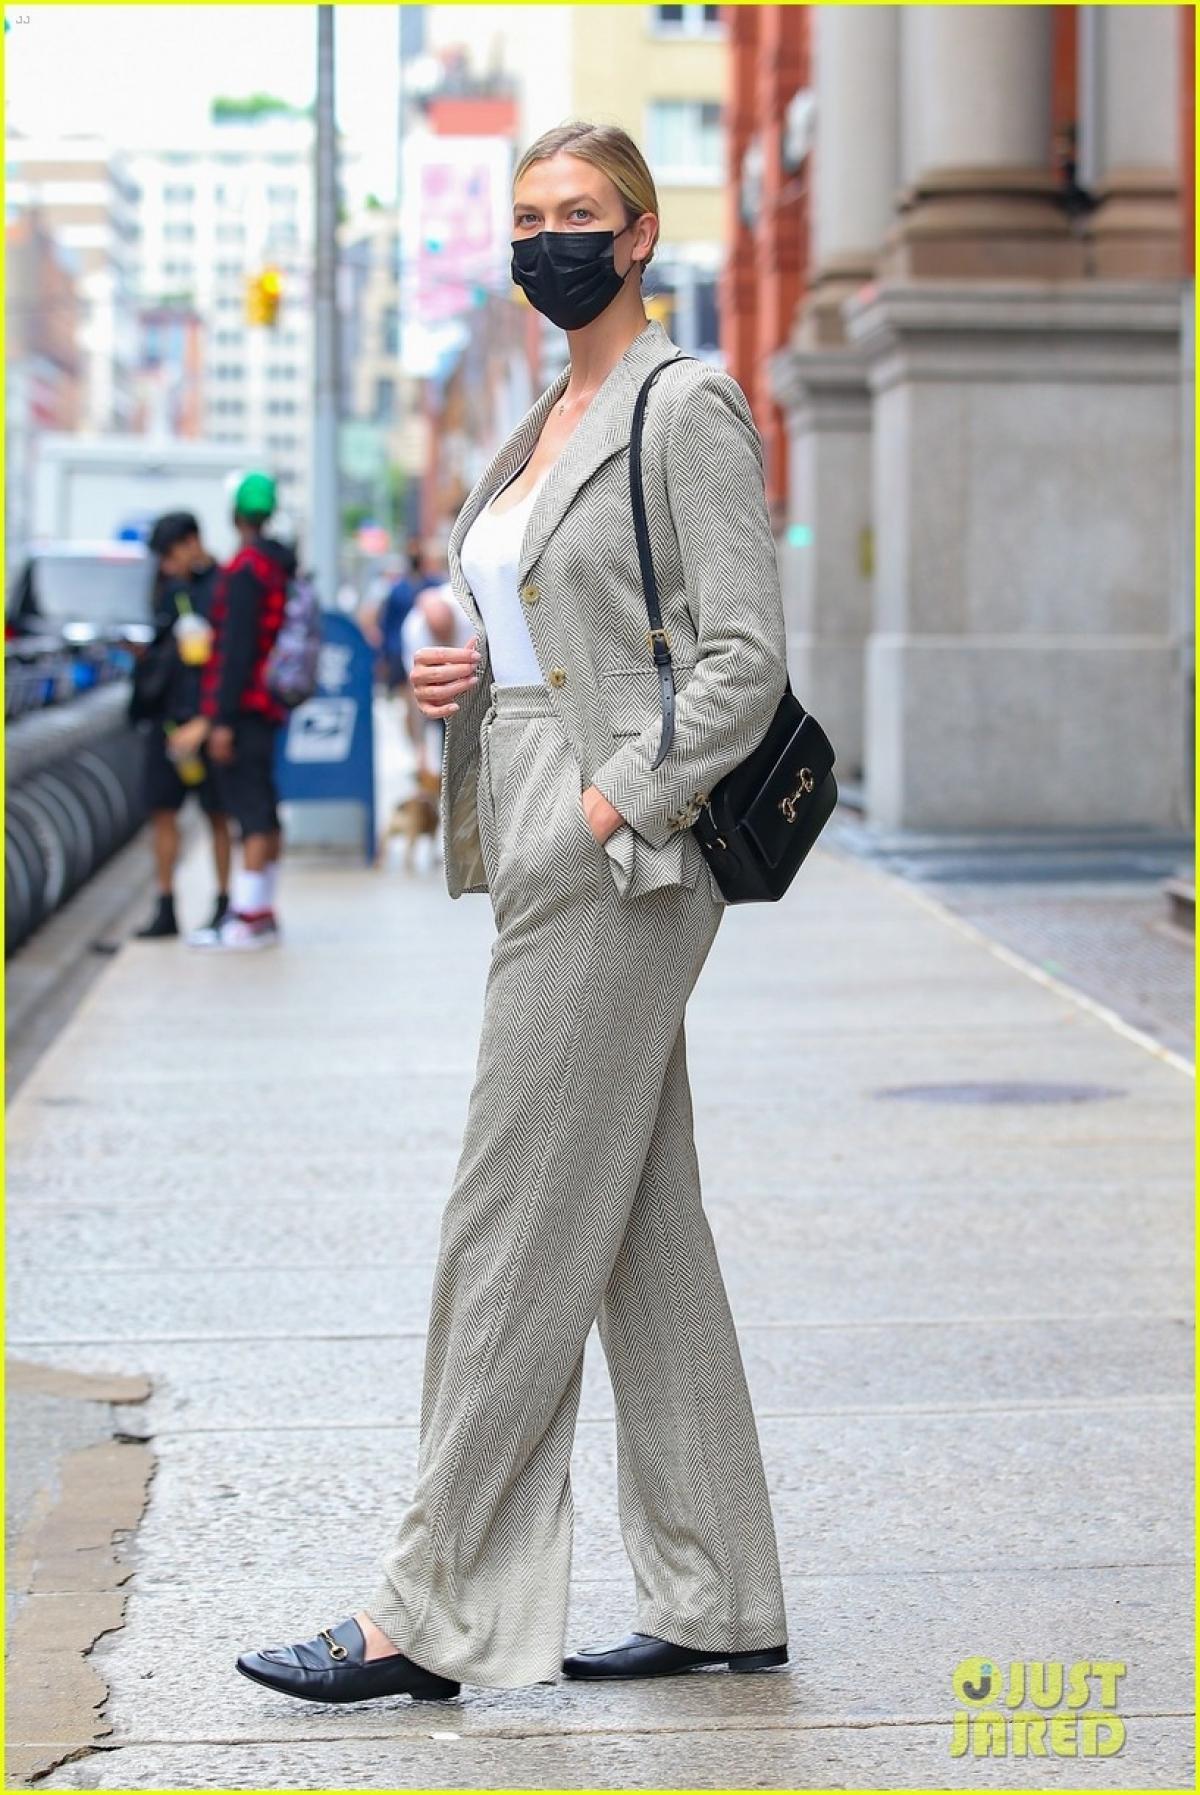 Siêu mẫu Karlie Kloss diện suit thanh lịch đến dự cuộc họp kinh doanh Ảnh 3